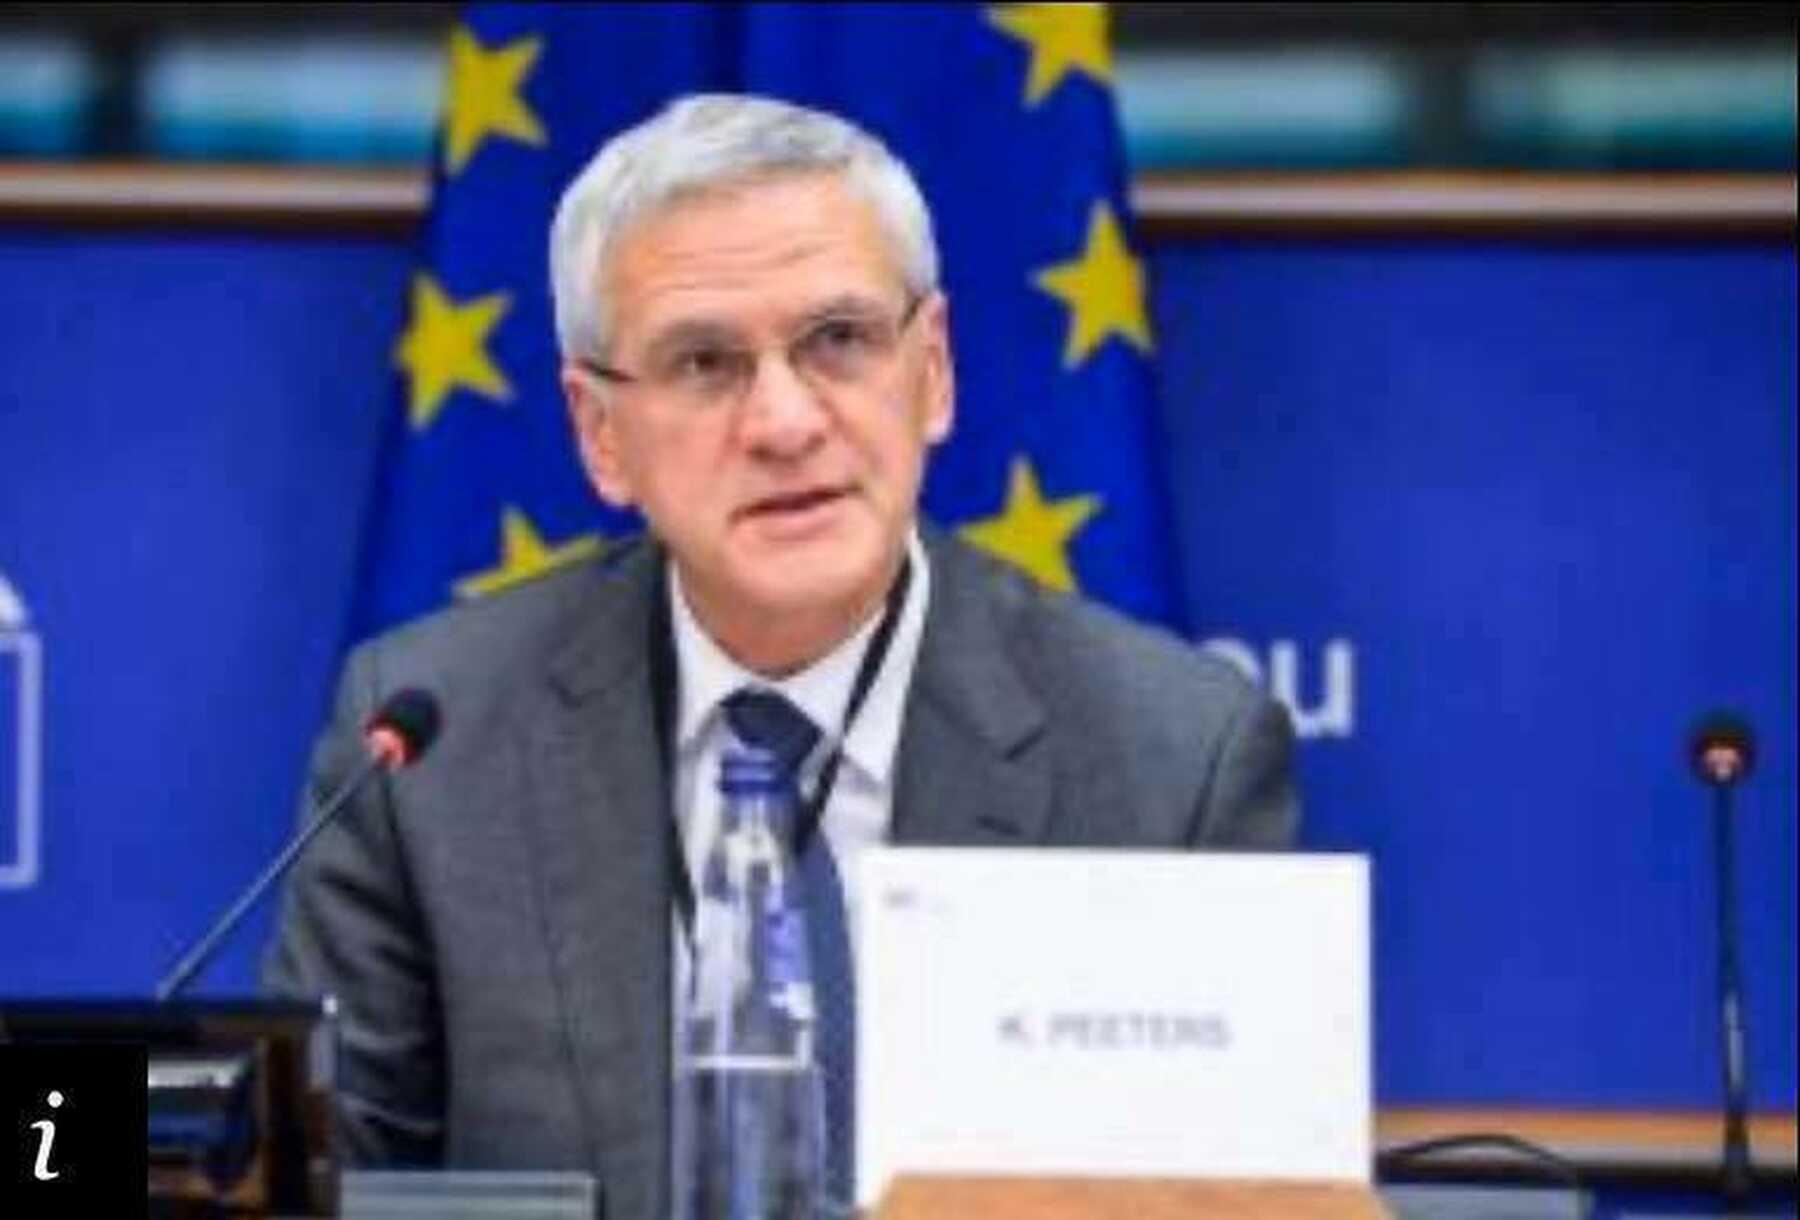 Kris Peeters vertegenwoordigt grootste fractie in onderhandelingen tussen EU en UK